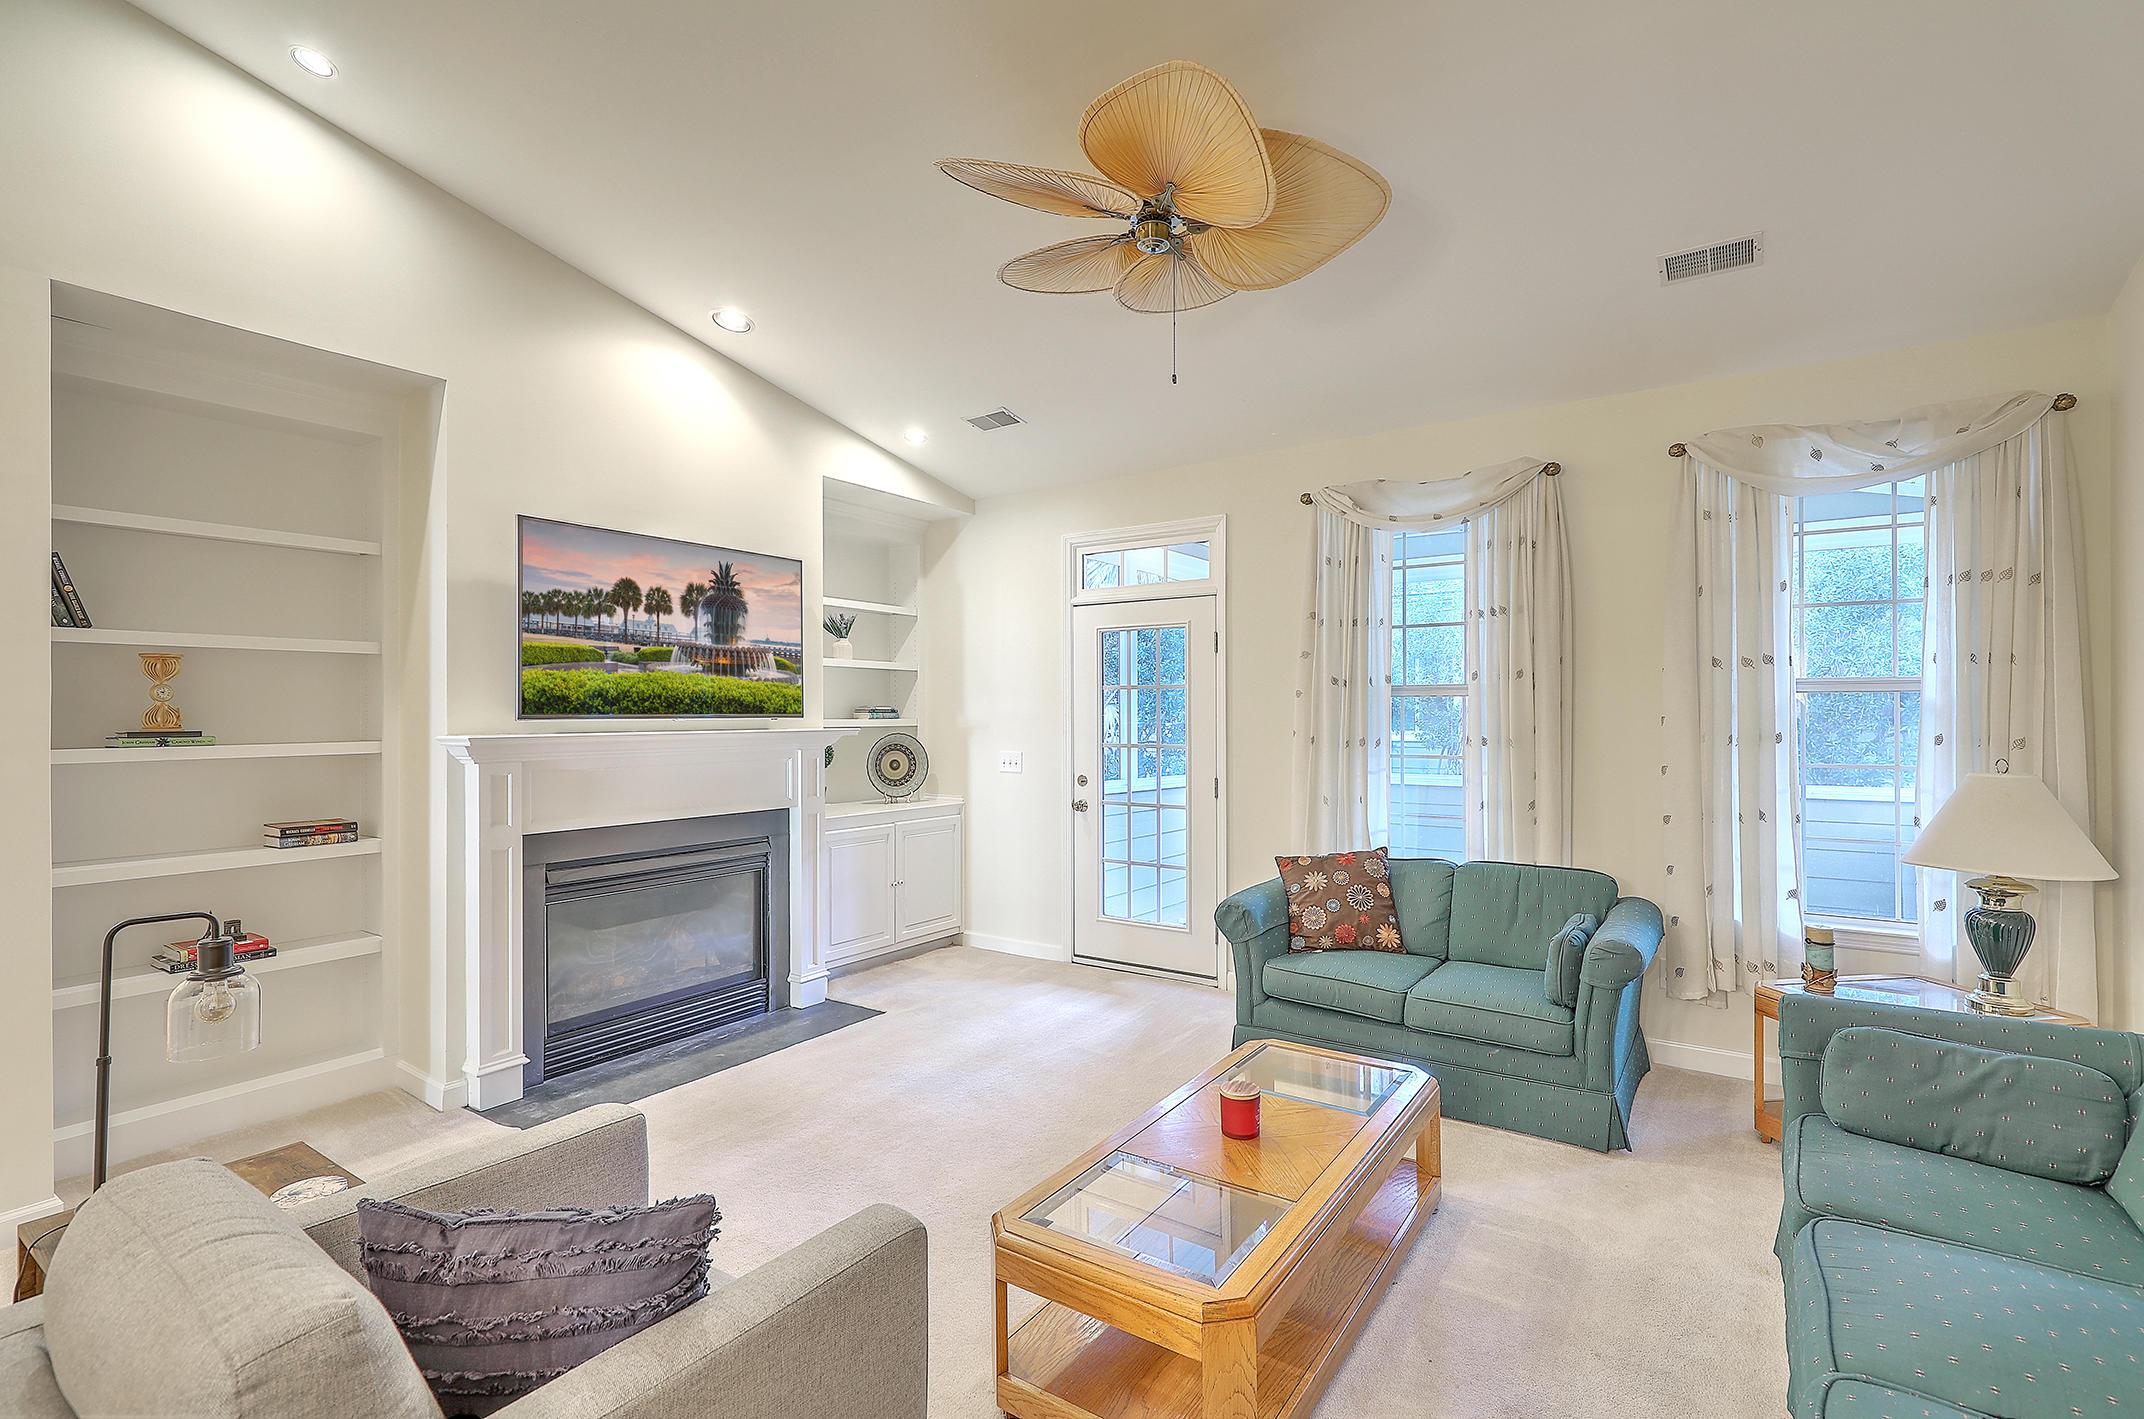 Dunes West Homes For Sale - 163 Fair Sailing, Mount Pleasant, SC - 6